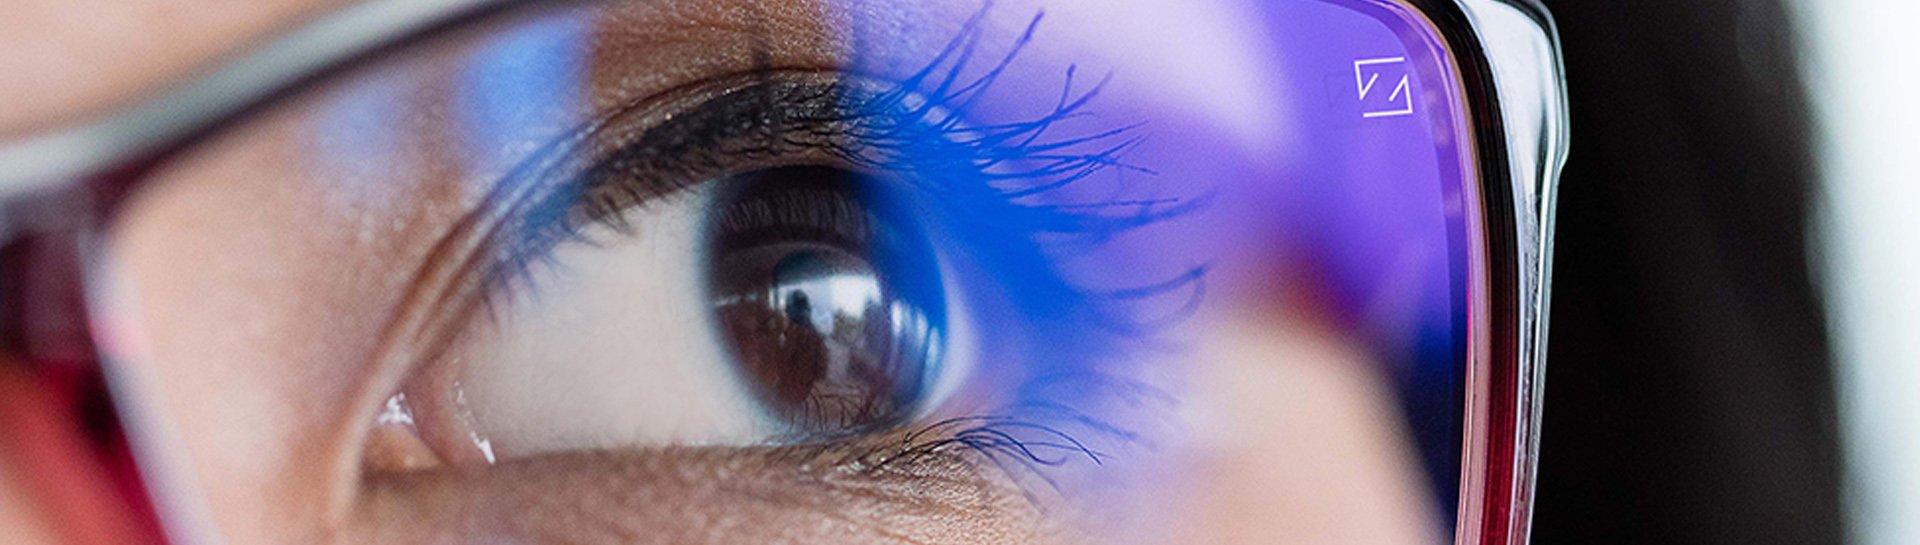 Tròng kính lọc ánh sáng xanh thông minh – Gọng kính, Tròng kính, Kính mát  thời trang chính hãng